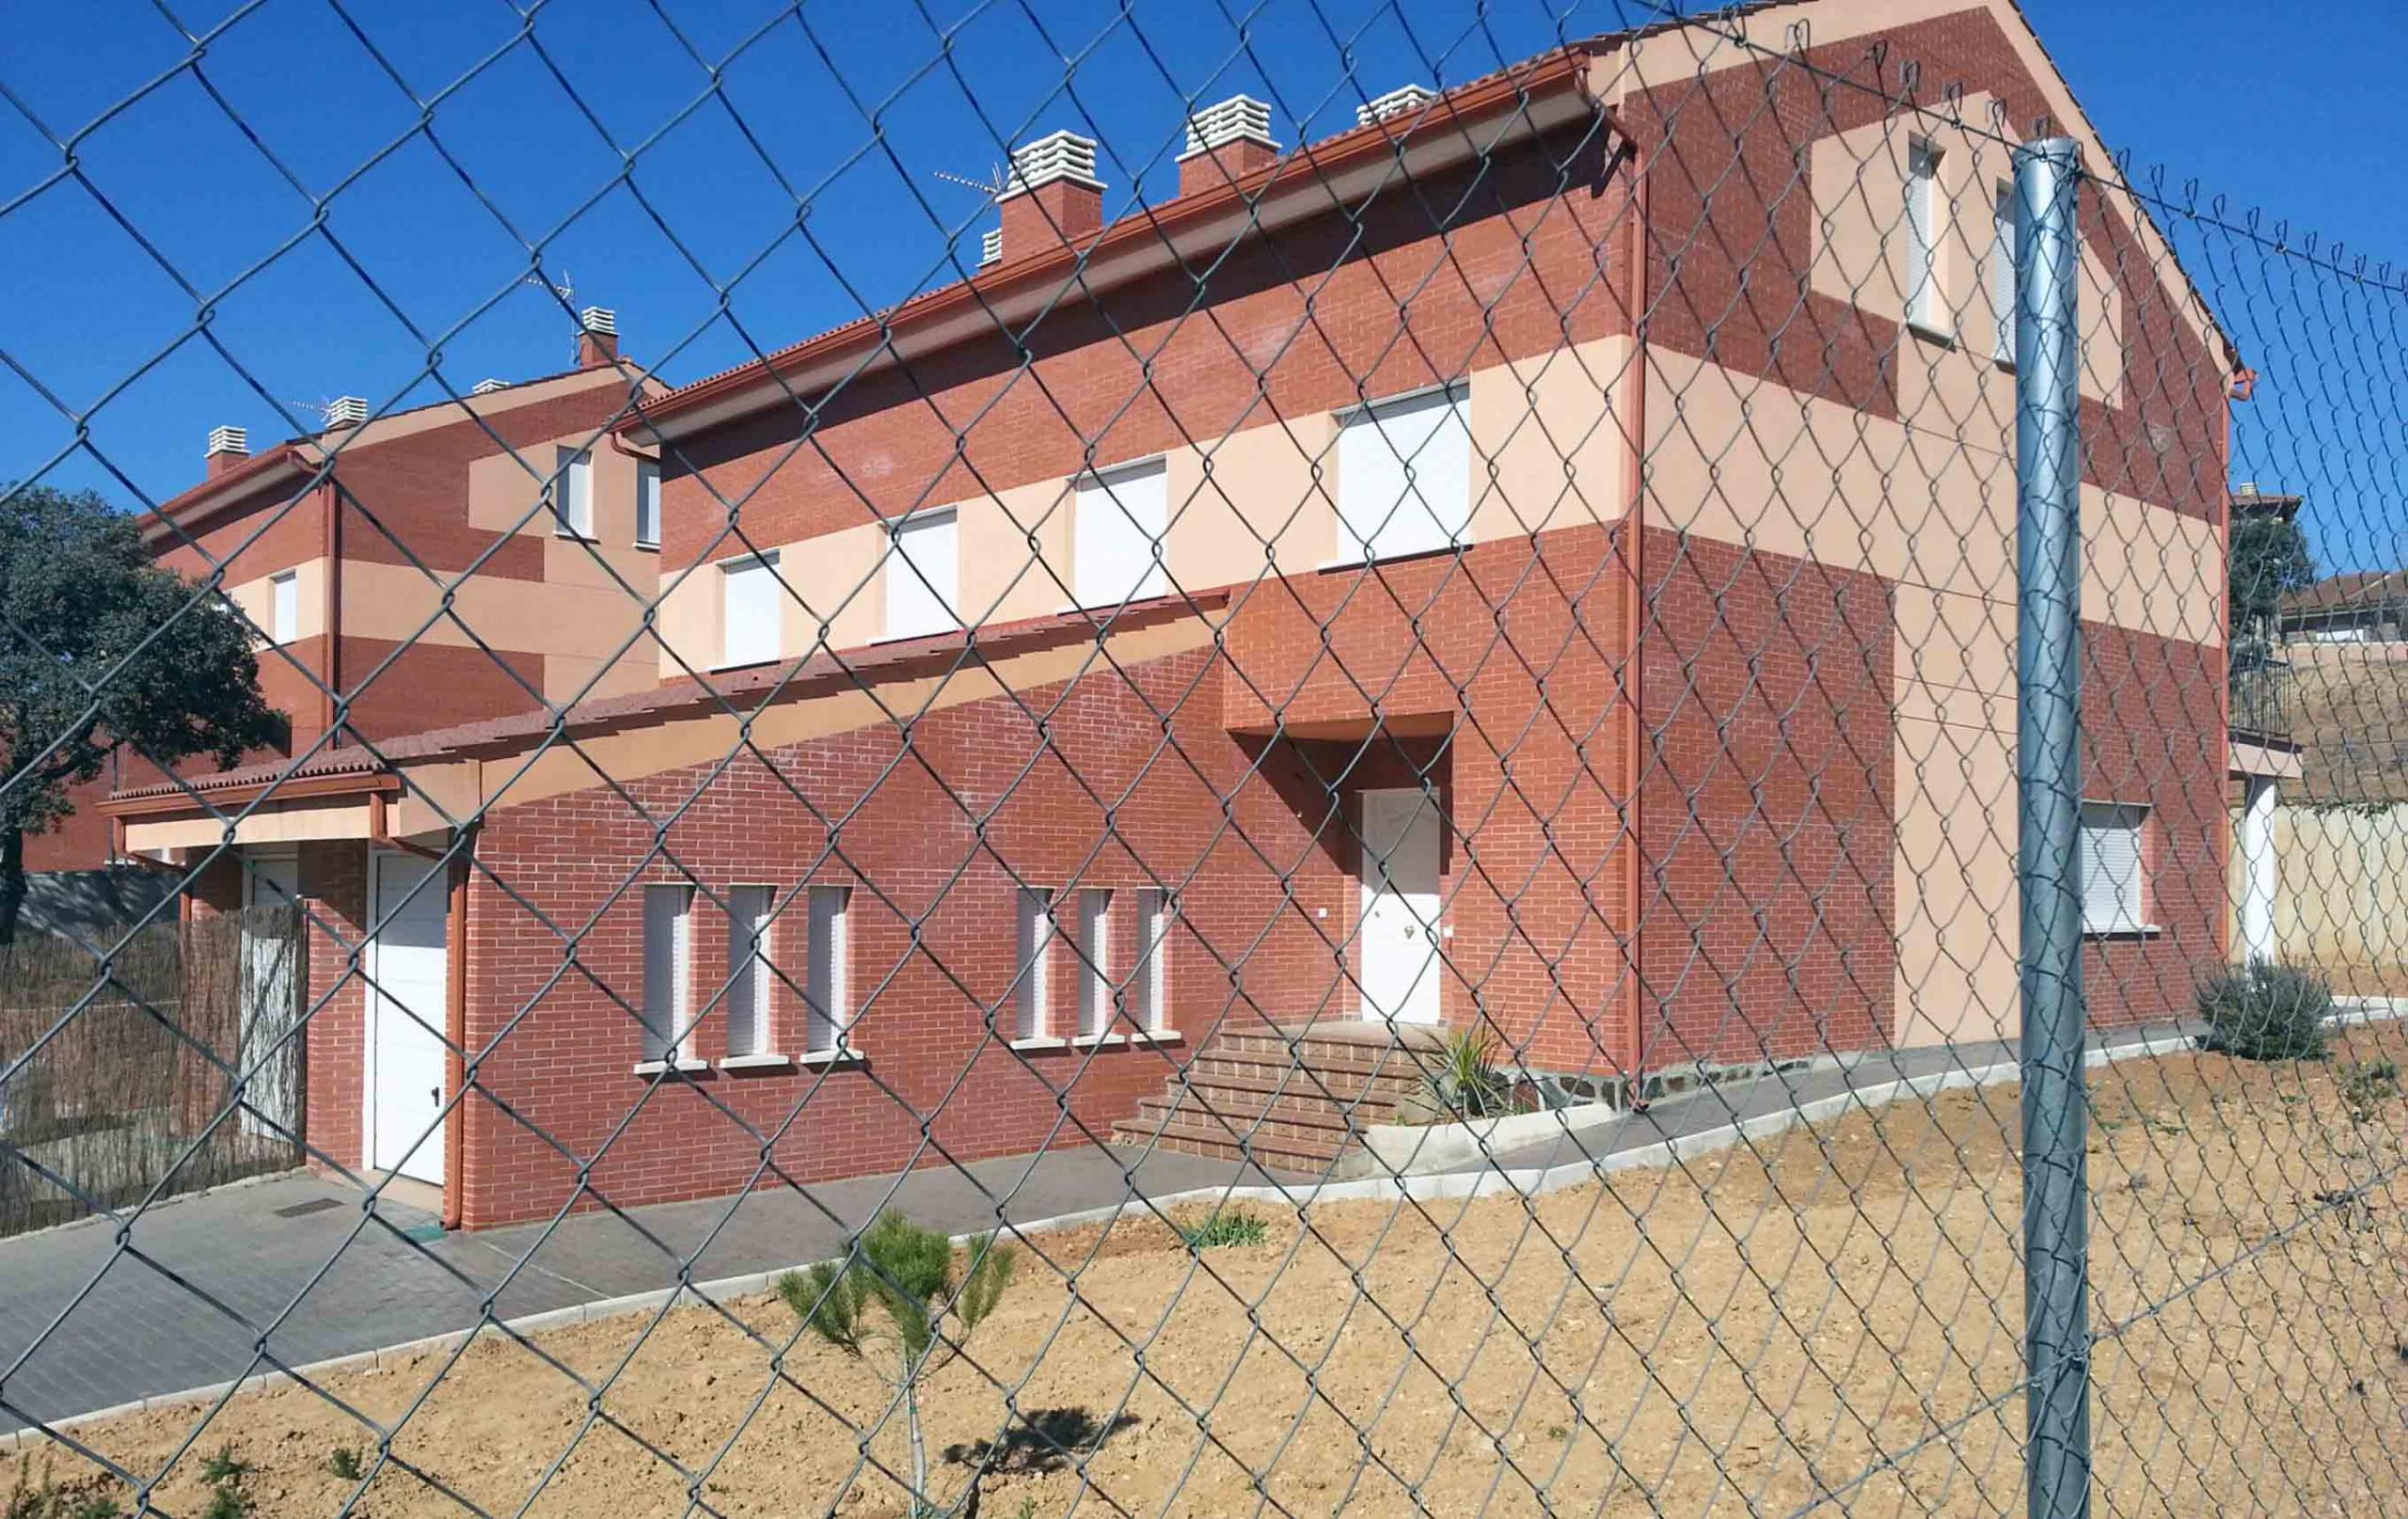 compra de villa economica Valdeaveruelo Sotolargo